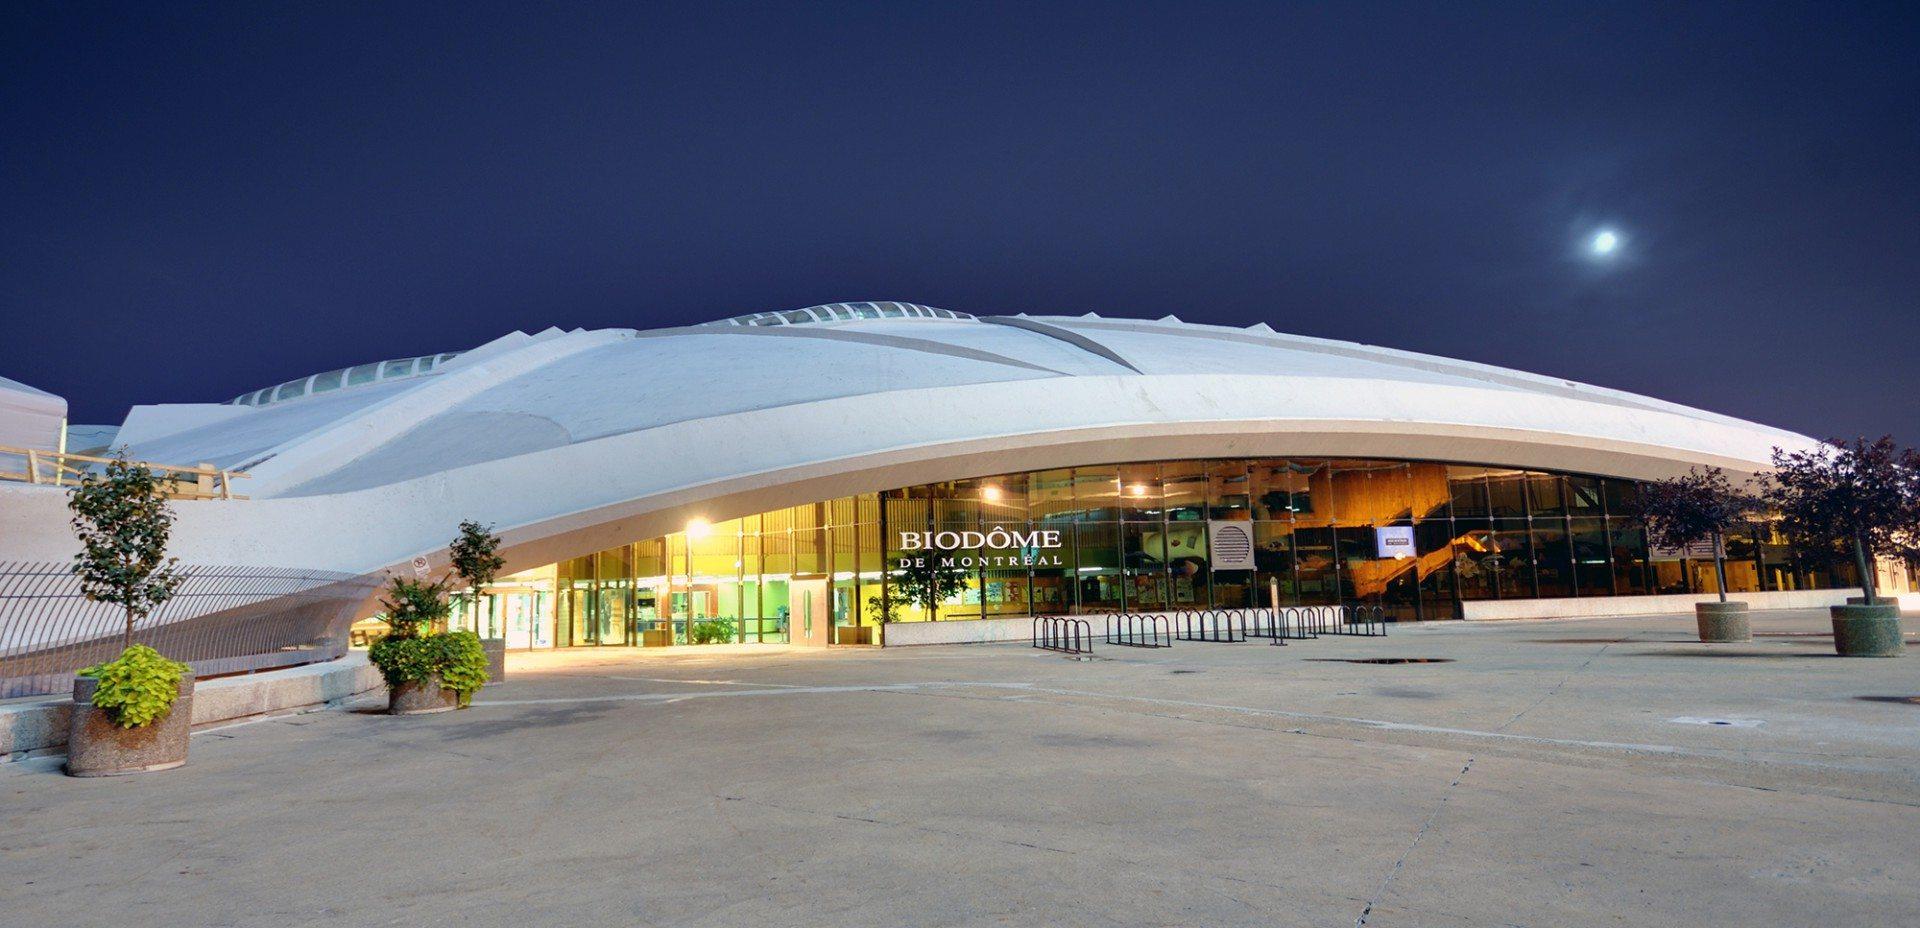 Biodôme de Montréal. Östlich des Stadions befindet sich das ehemalige olympische Velodrom. Der gewaltige Schalenbau wurde ebenfalls von Roger Taillibert entworfen. Während der Spiele 1976 diente er neben den Radsportwettbewerben auch den Judowettkämpfen als Austragungsort. Nach umfangreichen Renovierungsmaßnahmen zwischen 1989 und 1992 befindet sich hier heute das Umweltmuseum